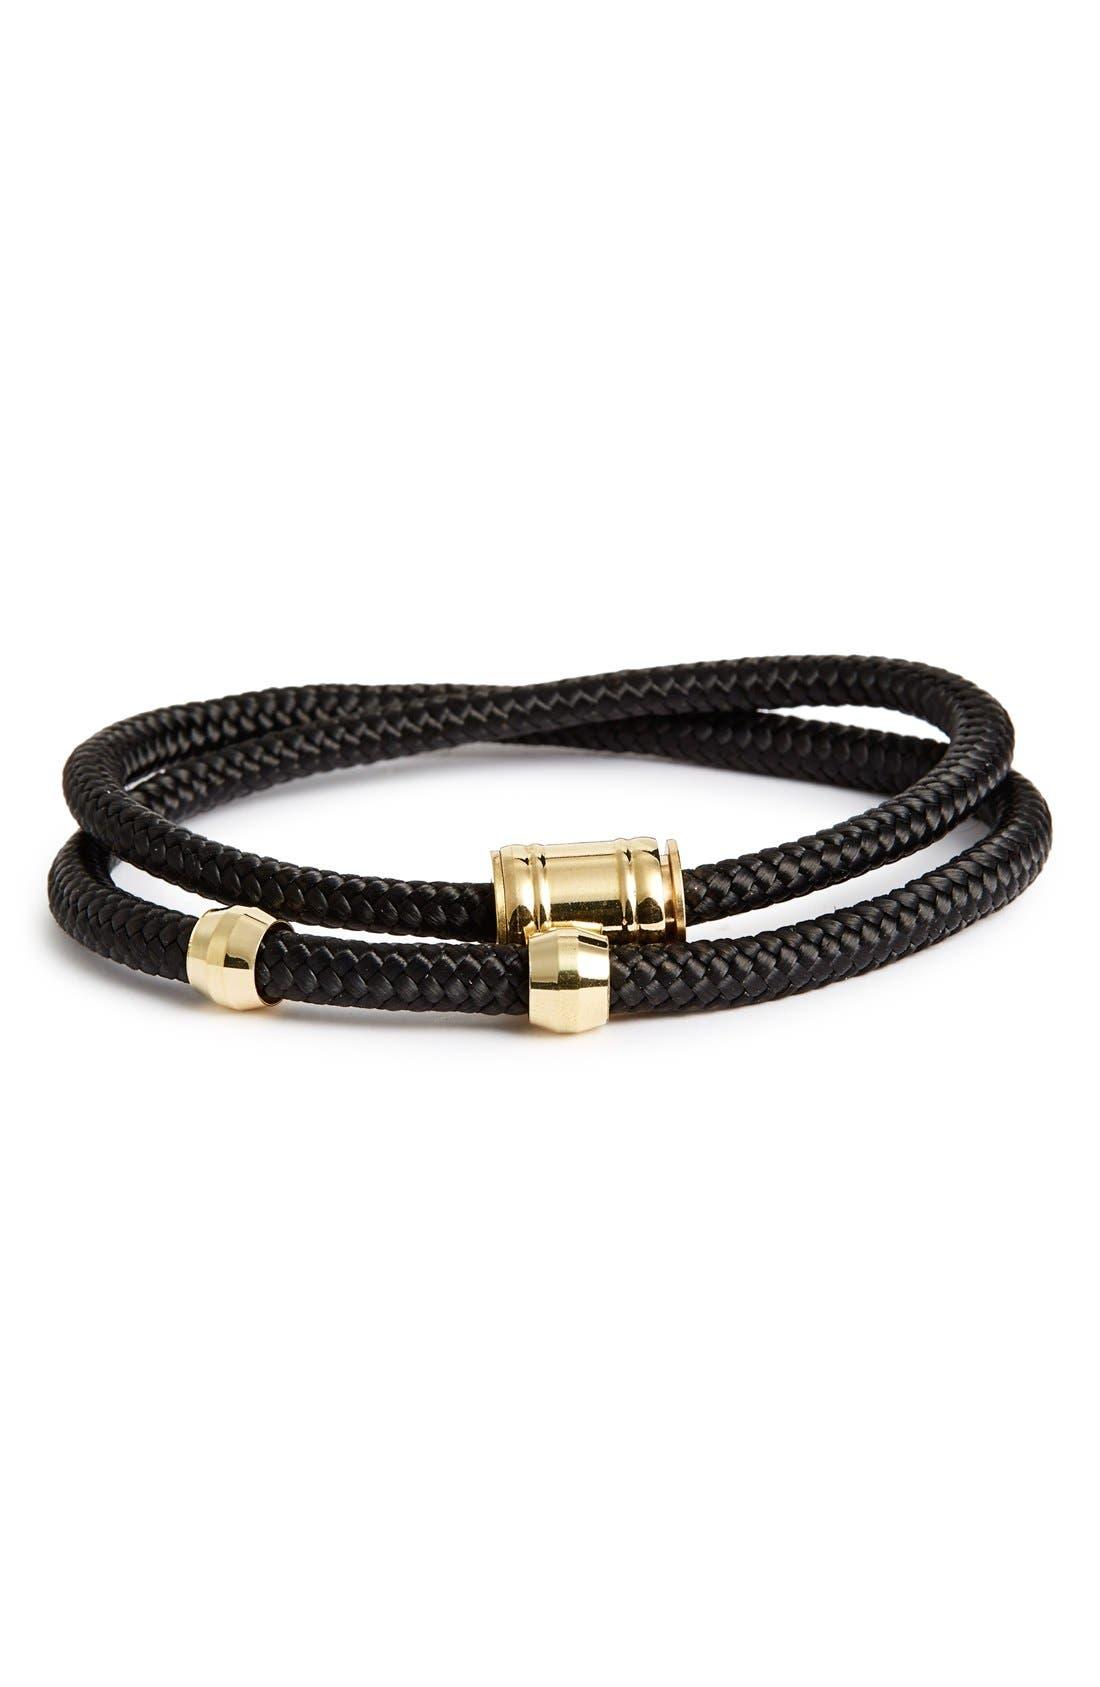 Double Wrap Rope Bracelet,                         Main,                         color, SOLID BLACK